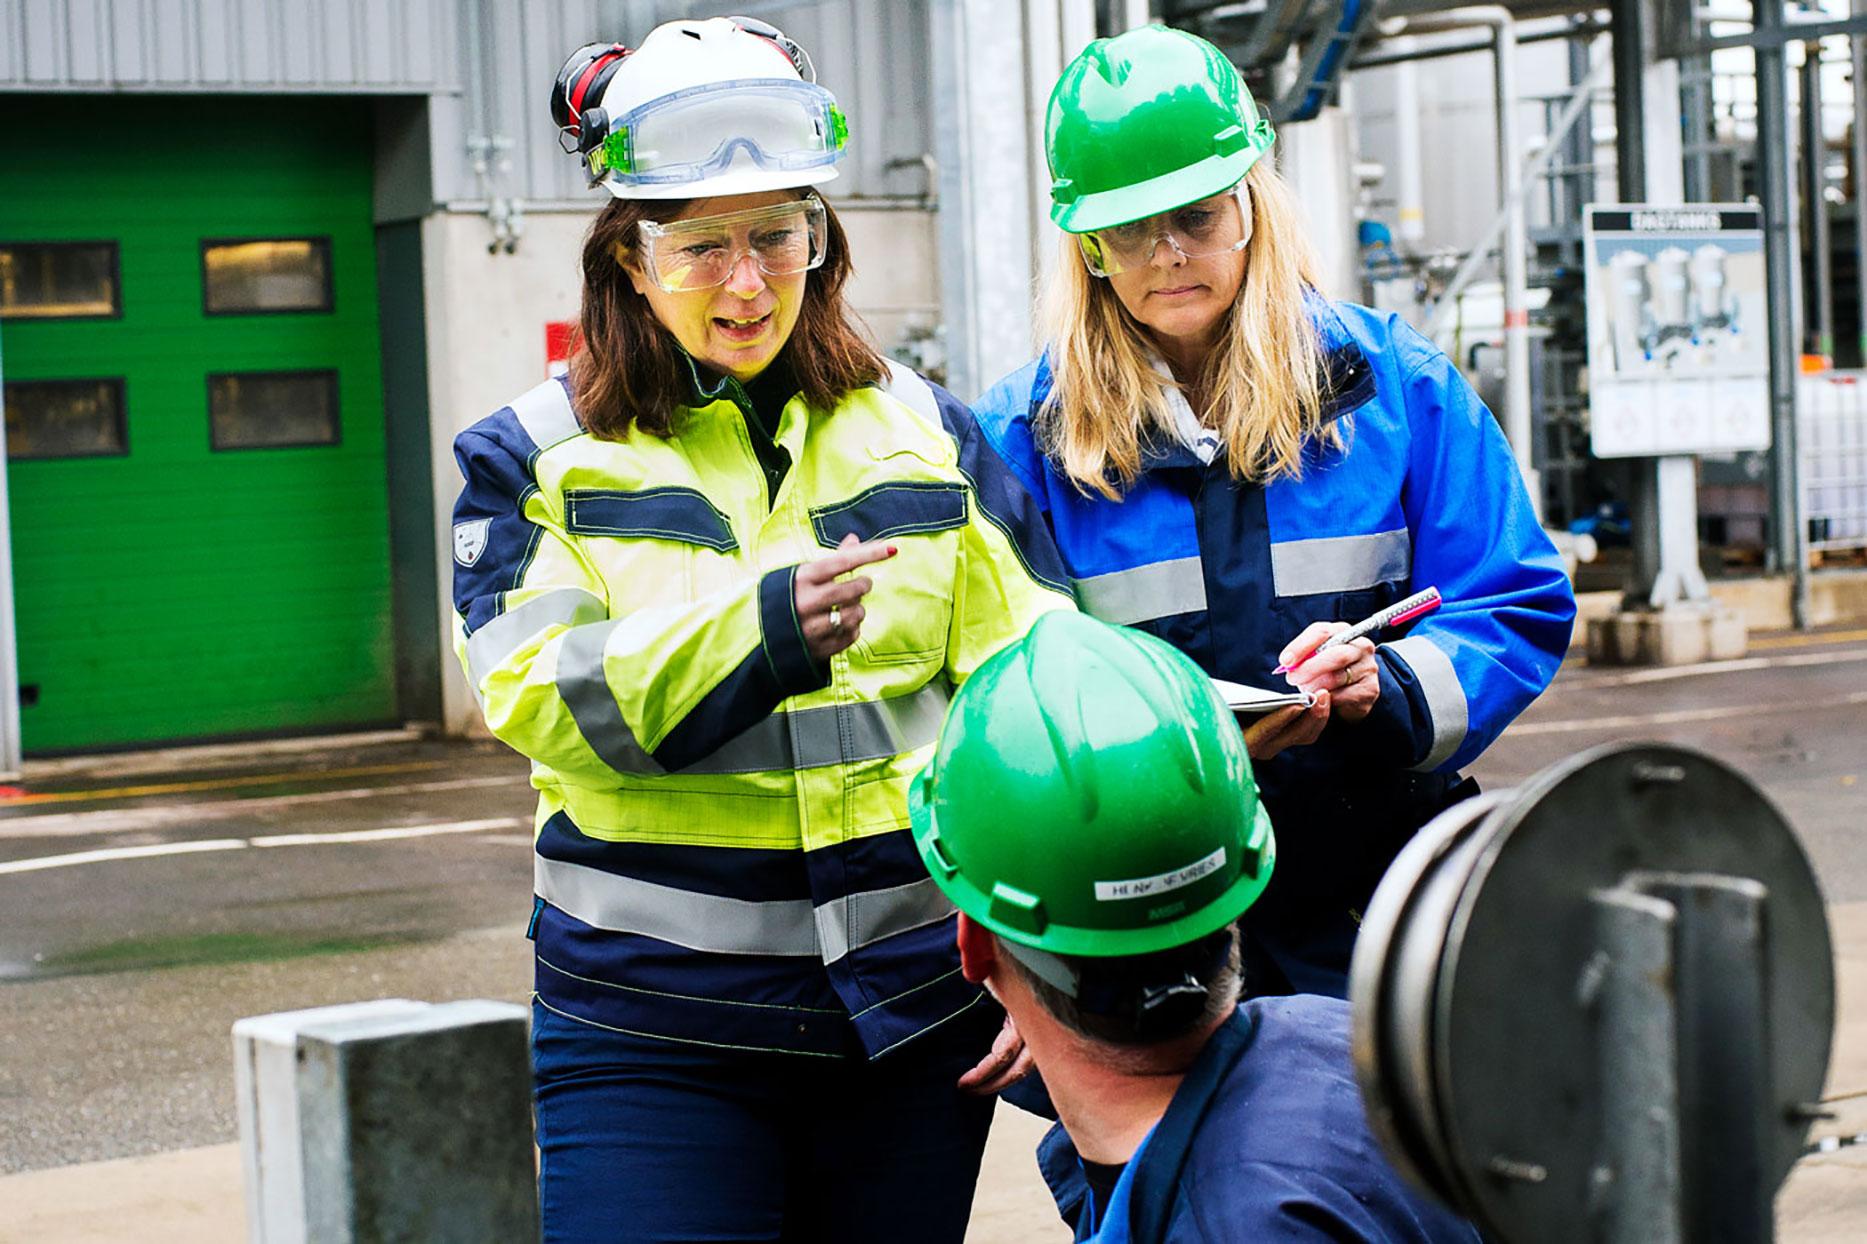 Actieplan preventie beroepsziekten NVvA_Nicole Kroon inspecteert